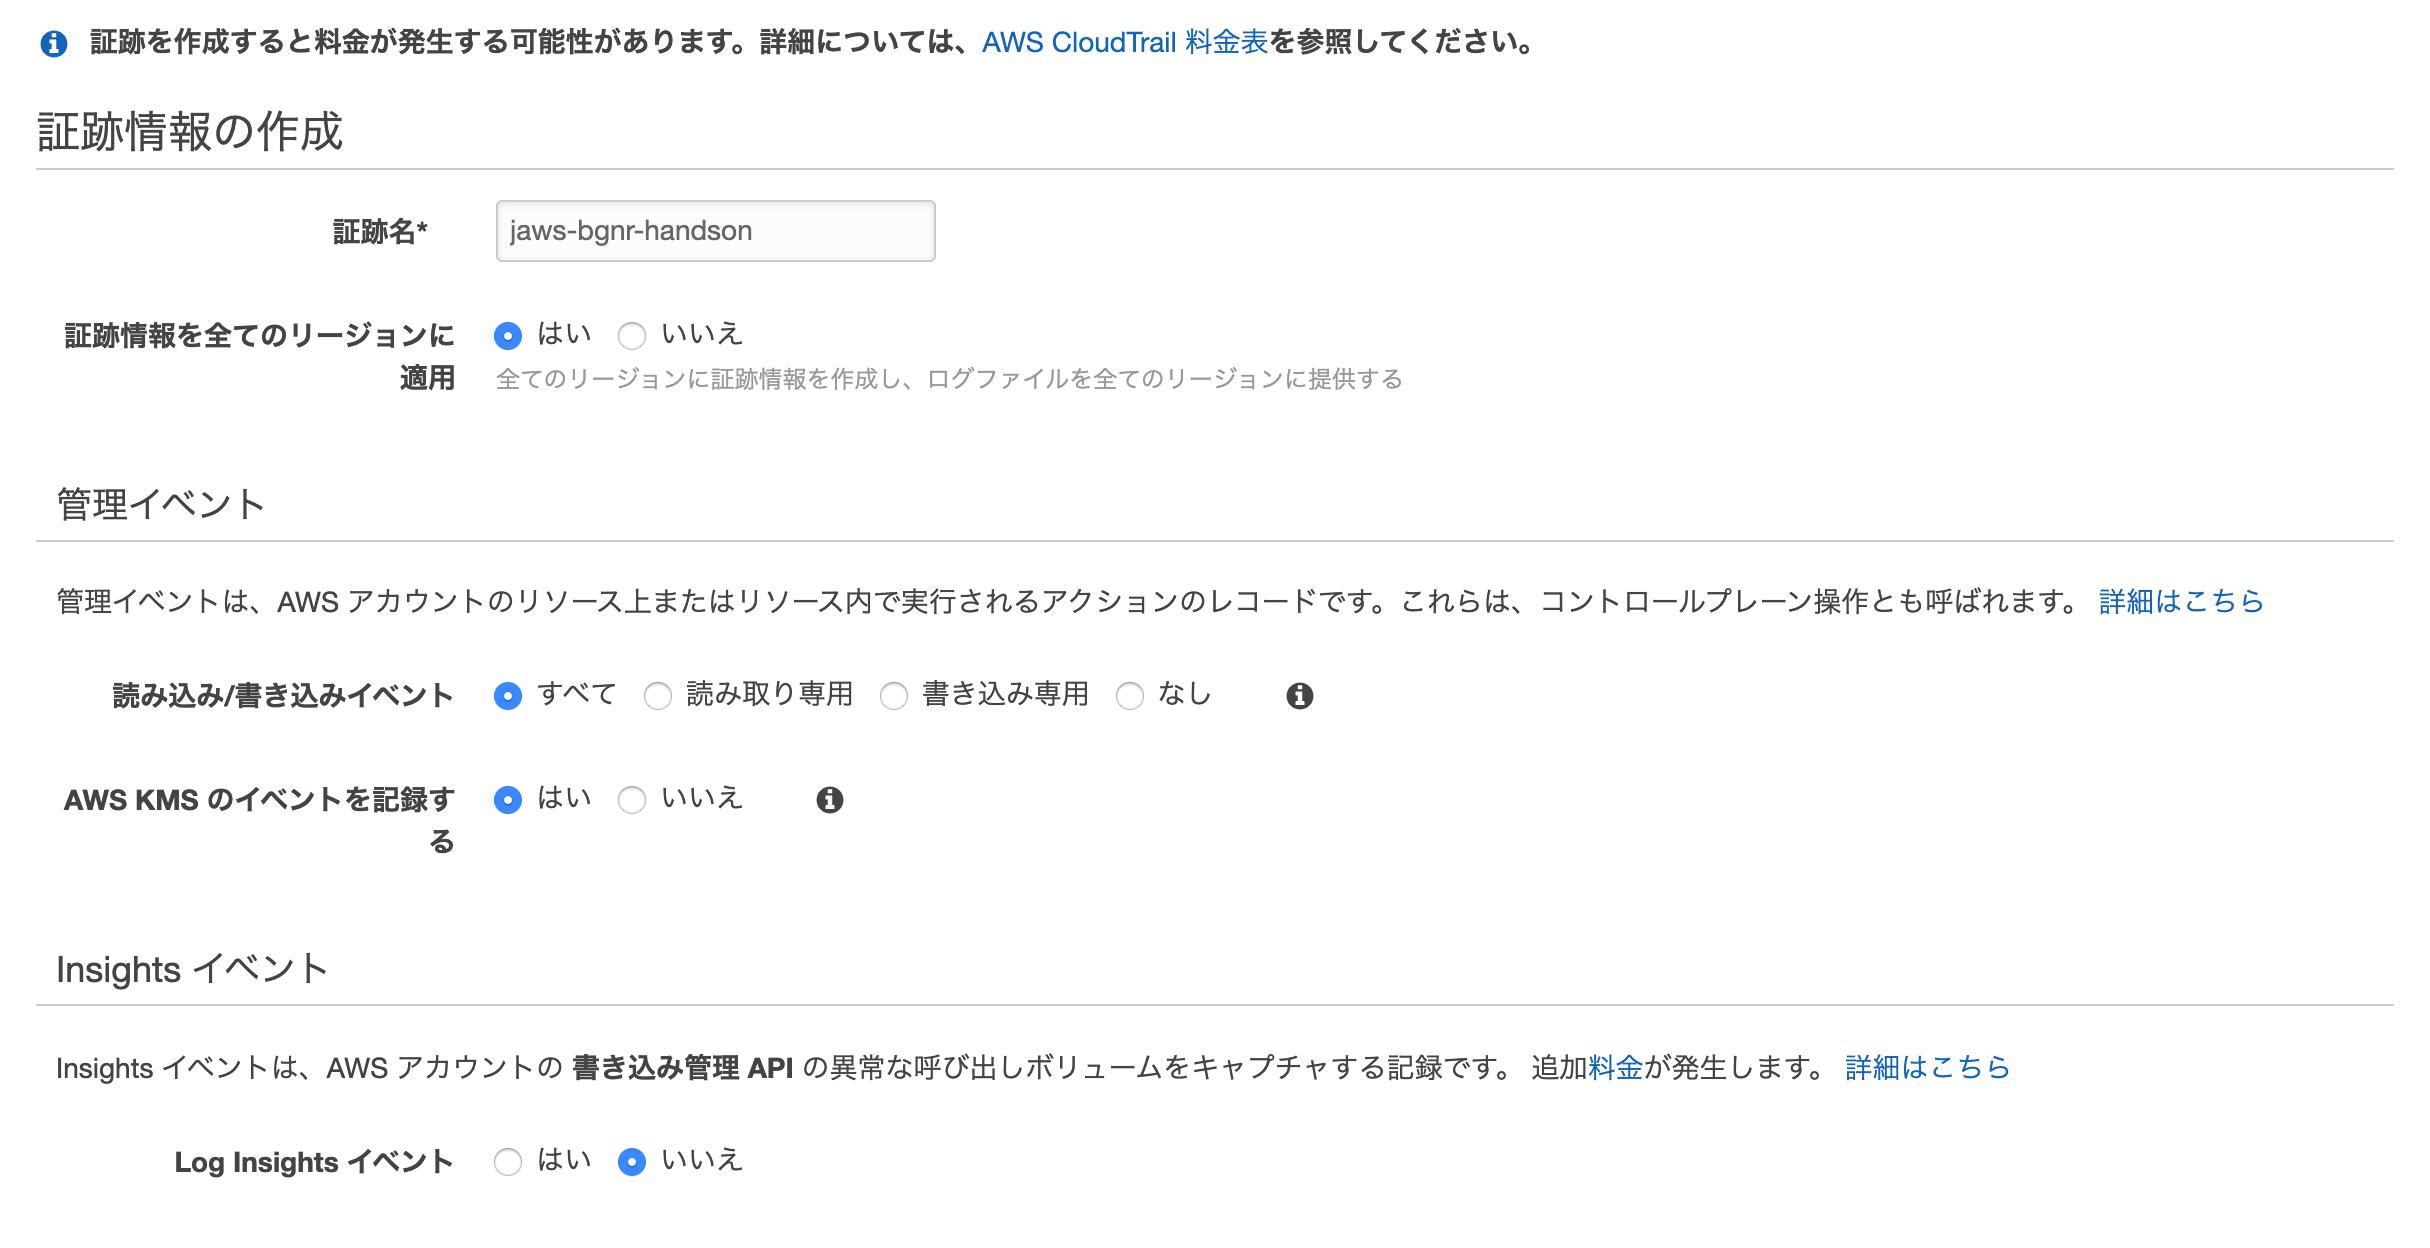 スクリーンショット 2020-01-15 0.37.12.png